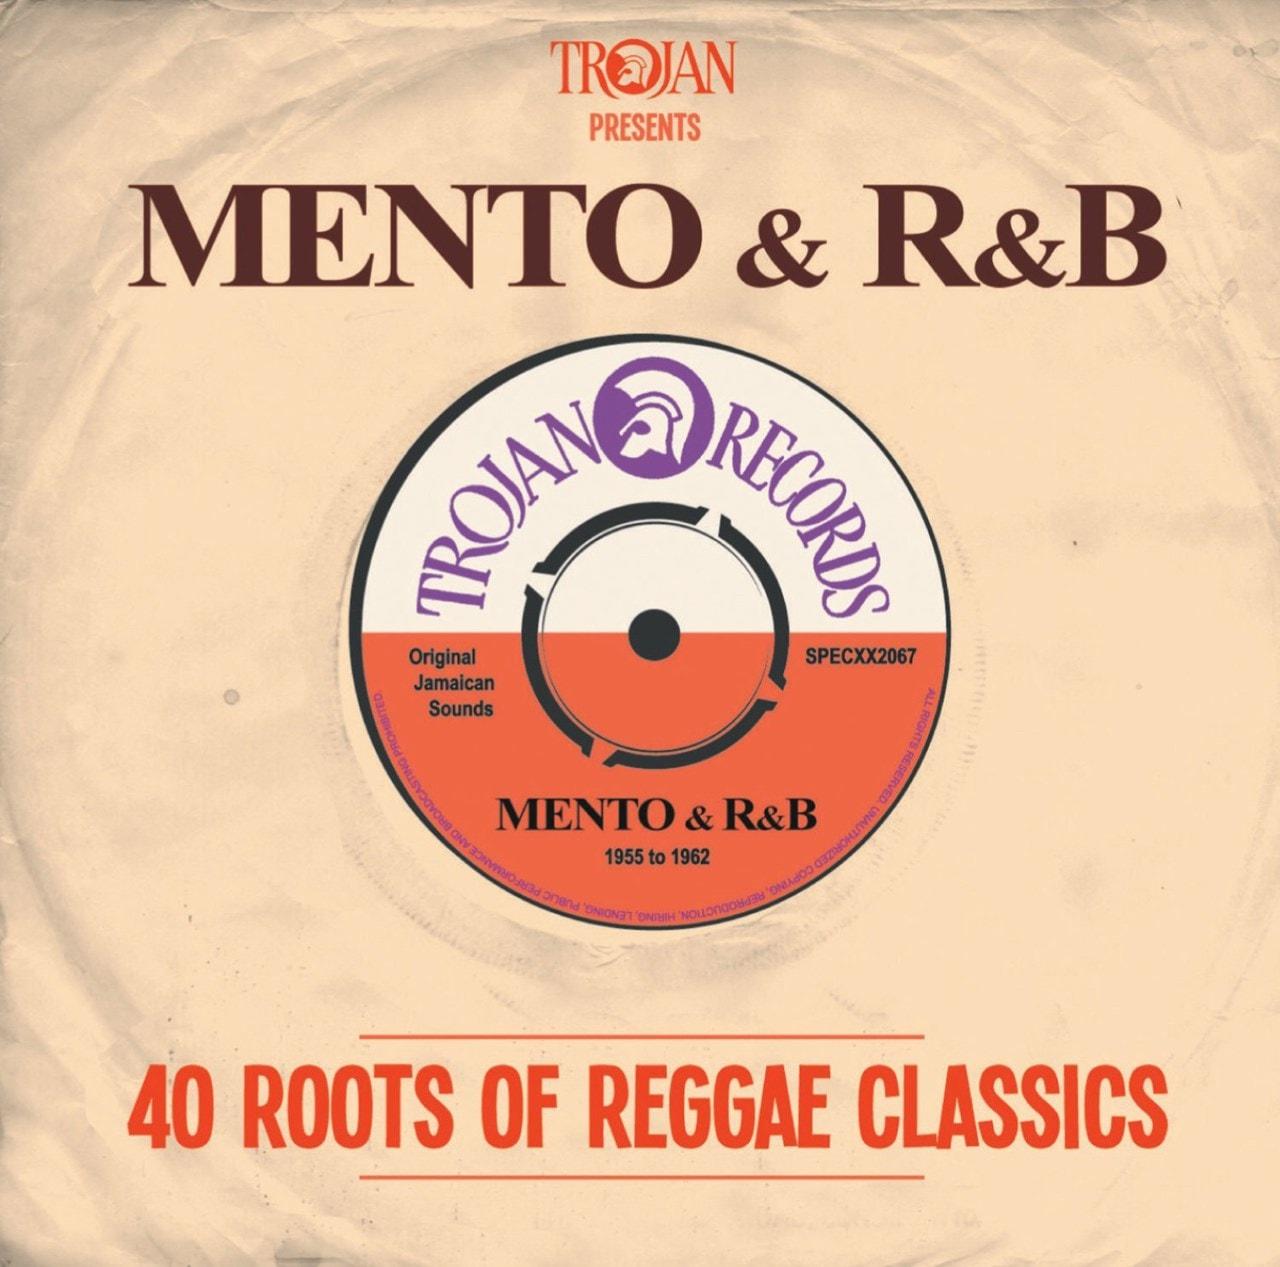 Trojan Presents... Mento & R&B: 40 Roots of Reggae Classics - 1